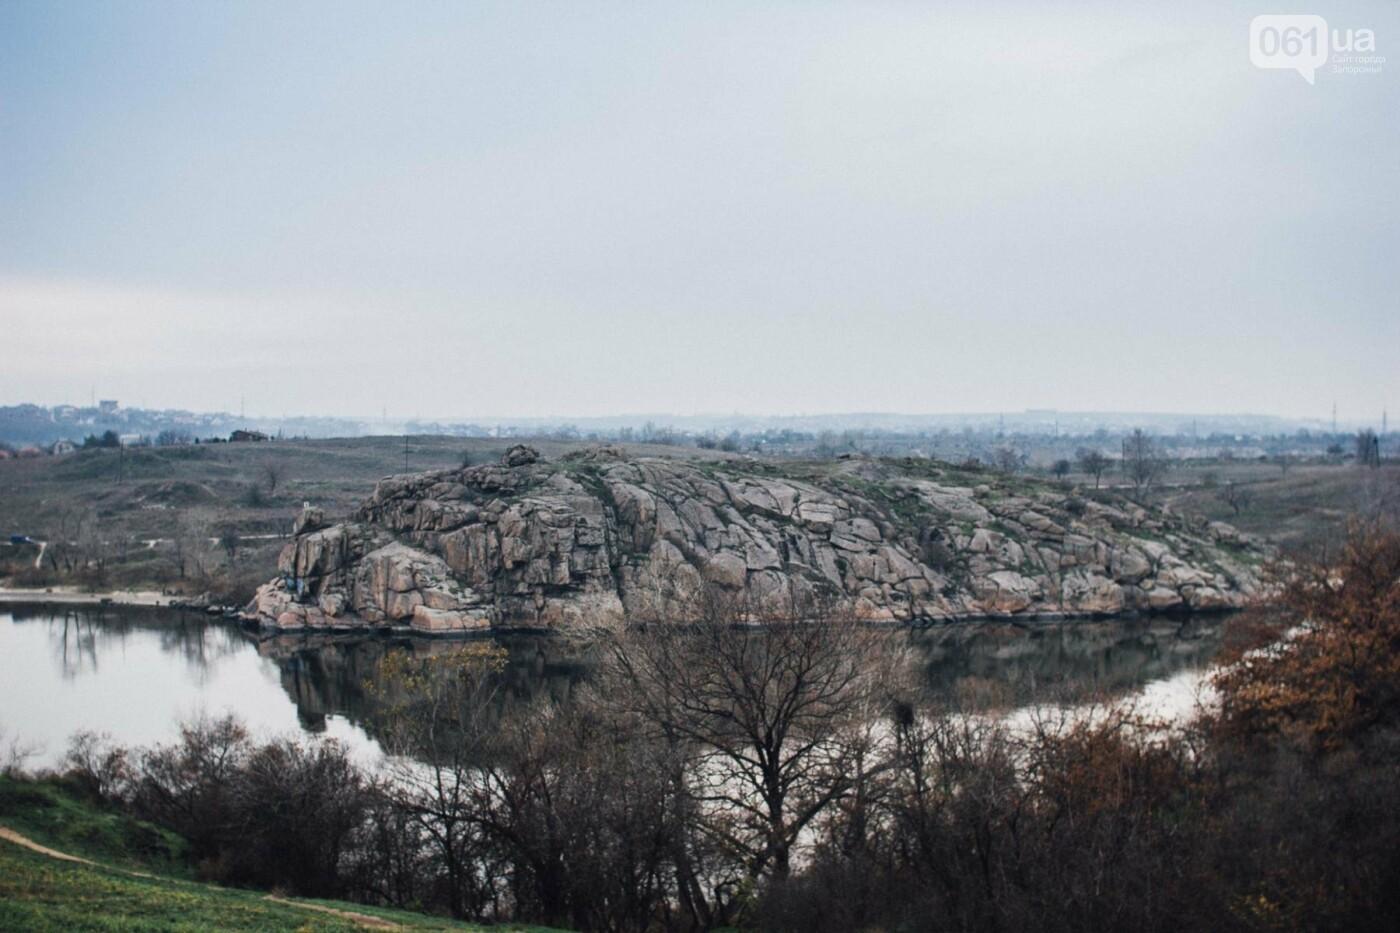 Четыре дня до зимы: как выглядит Хортица поздней осенью, - ФОТОРЕПОРТАЖ, фото-12